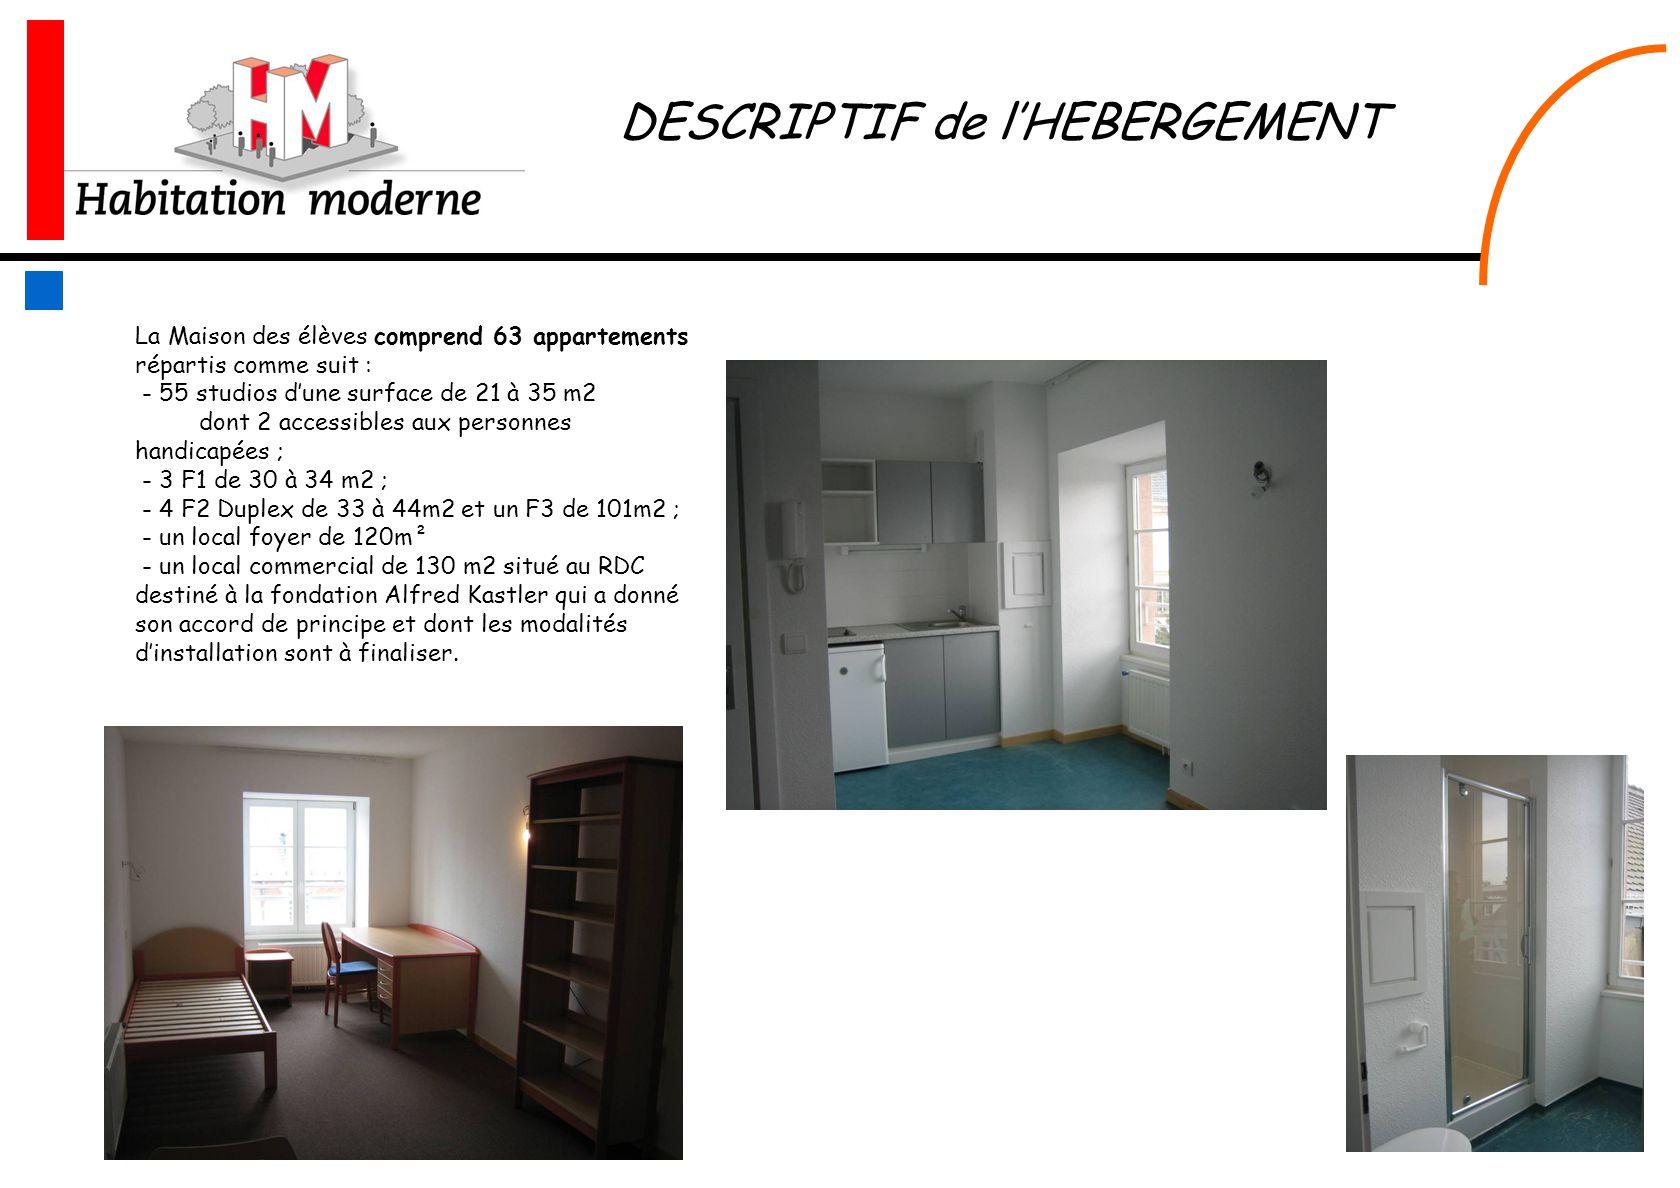 La Maison des élèves comprend 63 appartements répartis comme suit : - 55 studios dune surface de 21 à 35 m2 dont 2 accessibles aux personnes handicapé